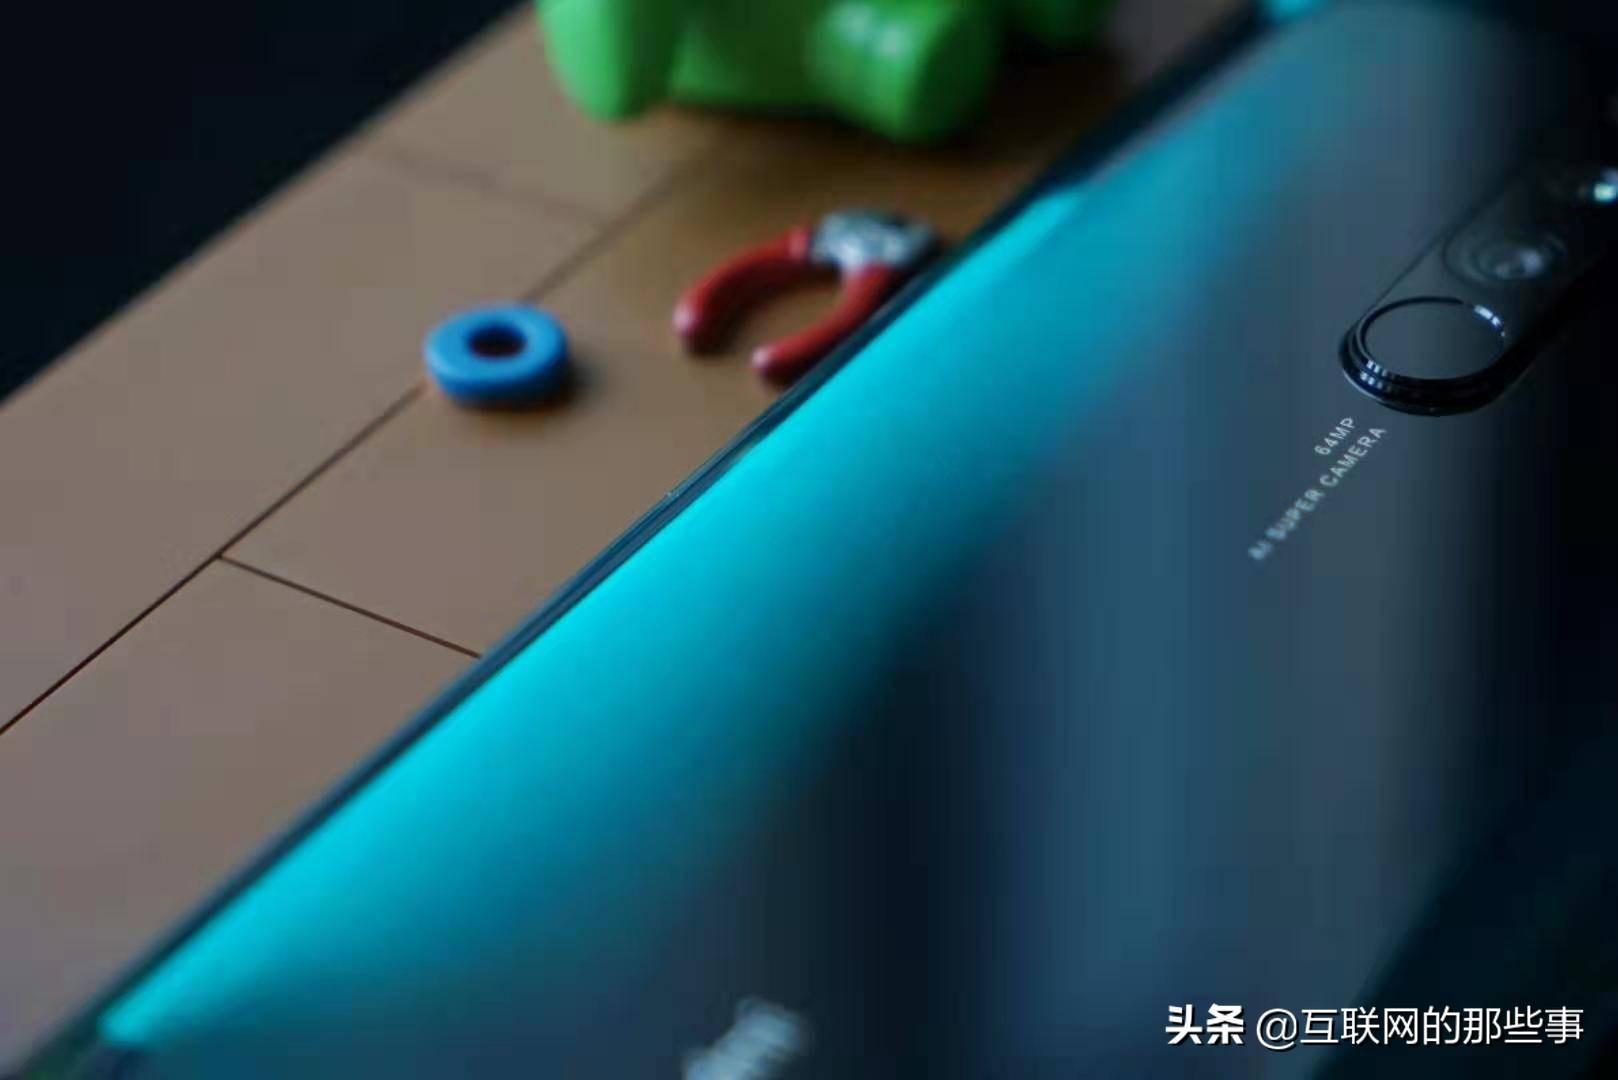 红米Note8 Pro全面评测 看看卢伟冰是否在吹牛